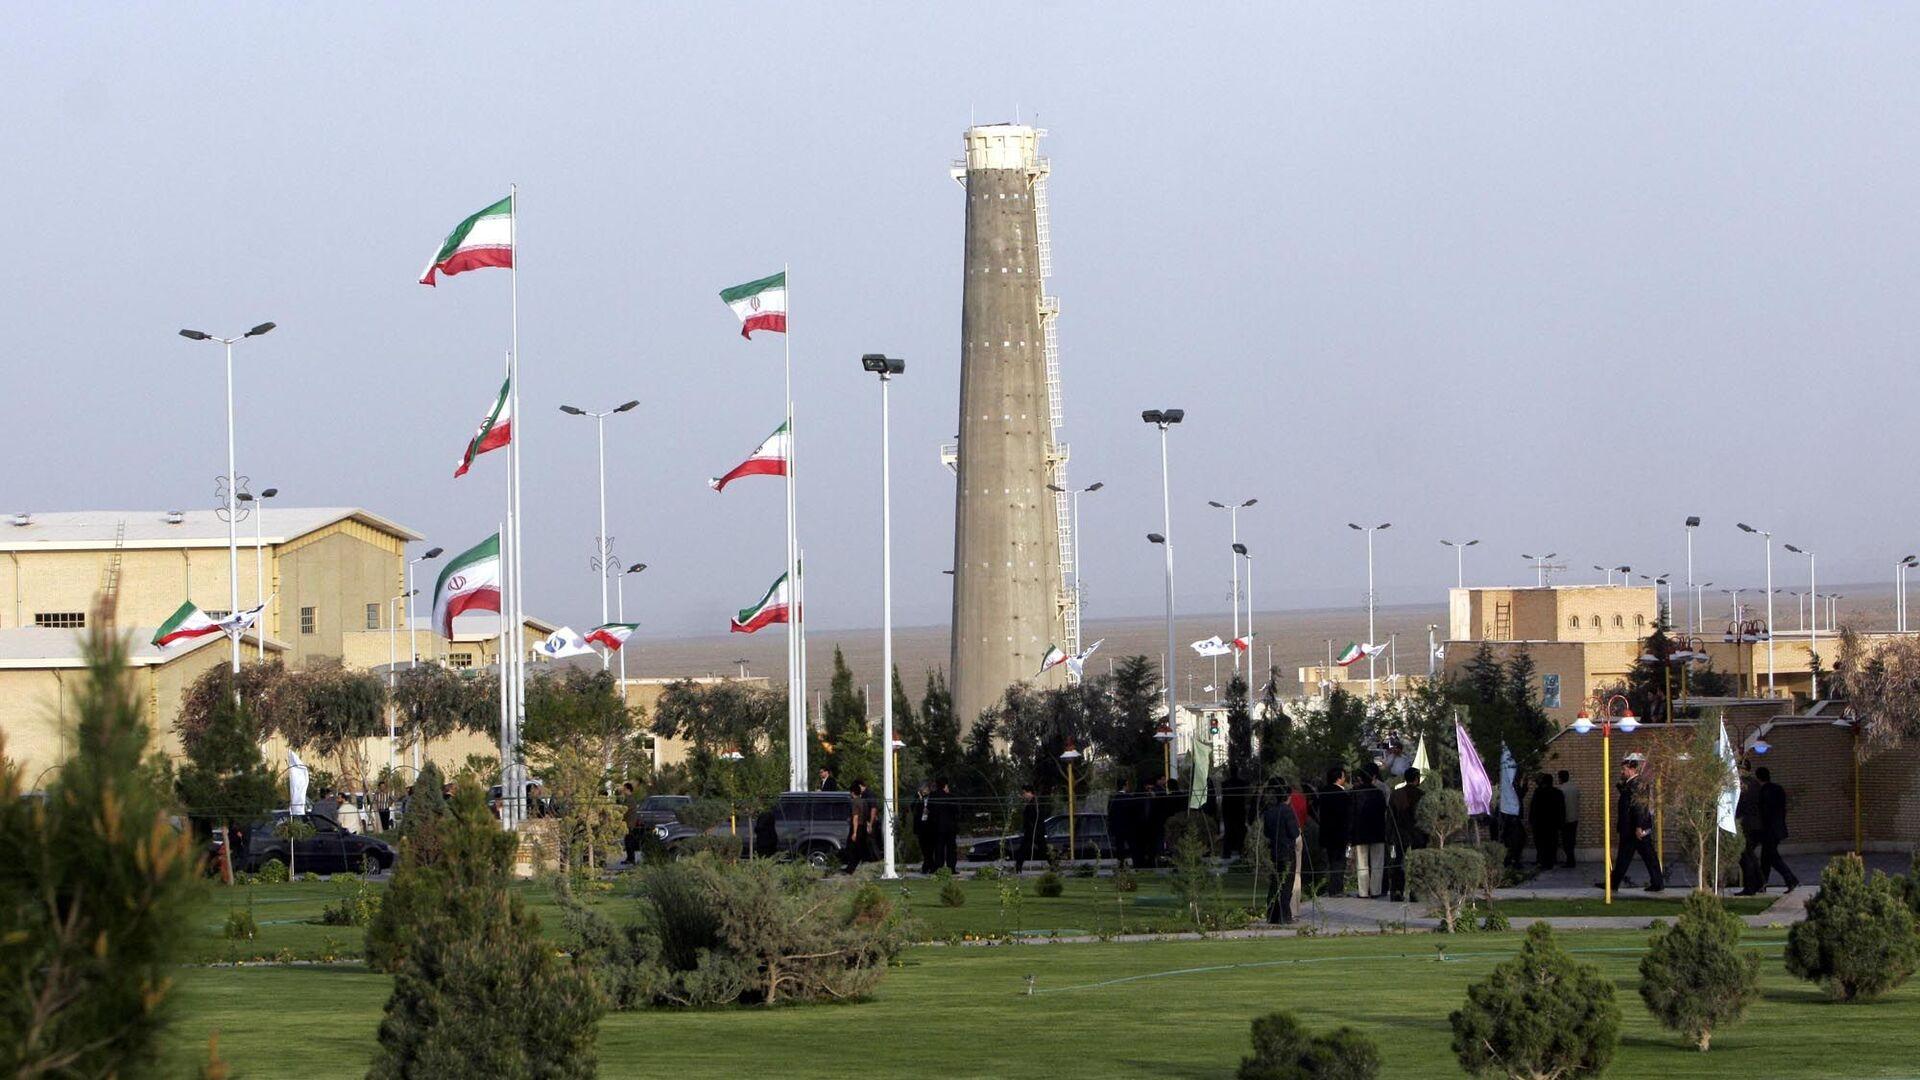 Widok na obiekty jądrowe w Natanz w Iranie - Sputnik Polska, 1920, 03.10.2021